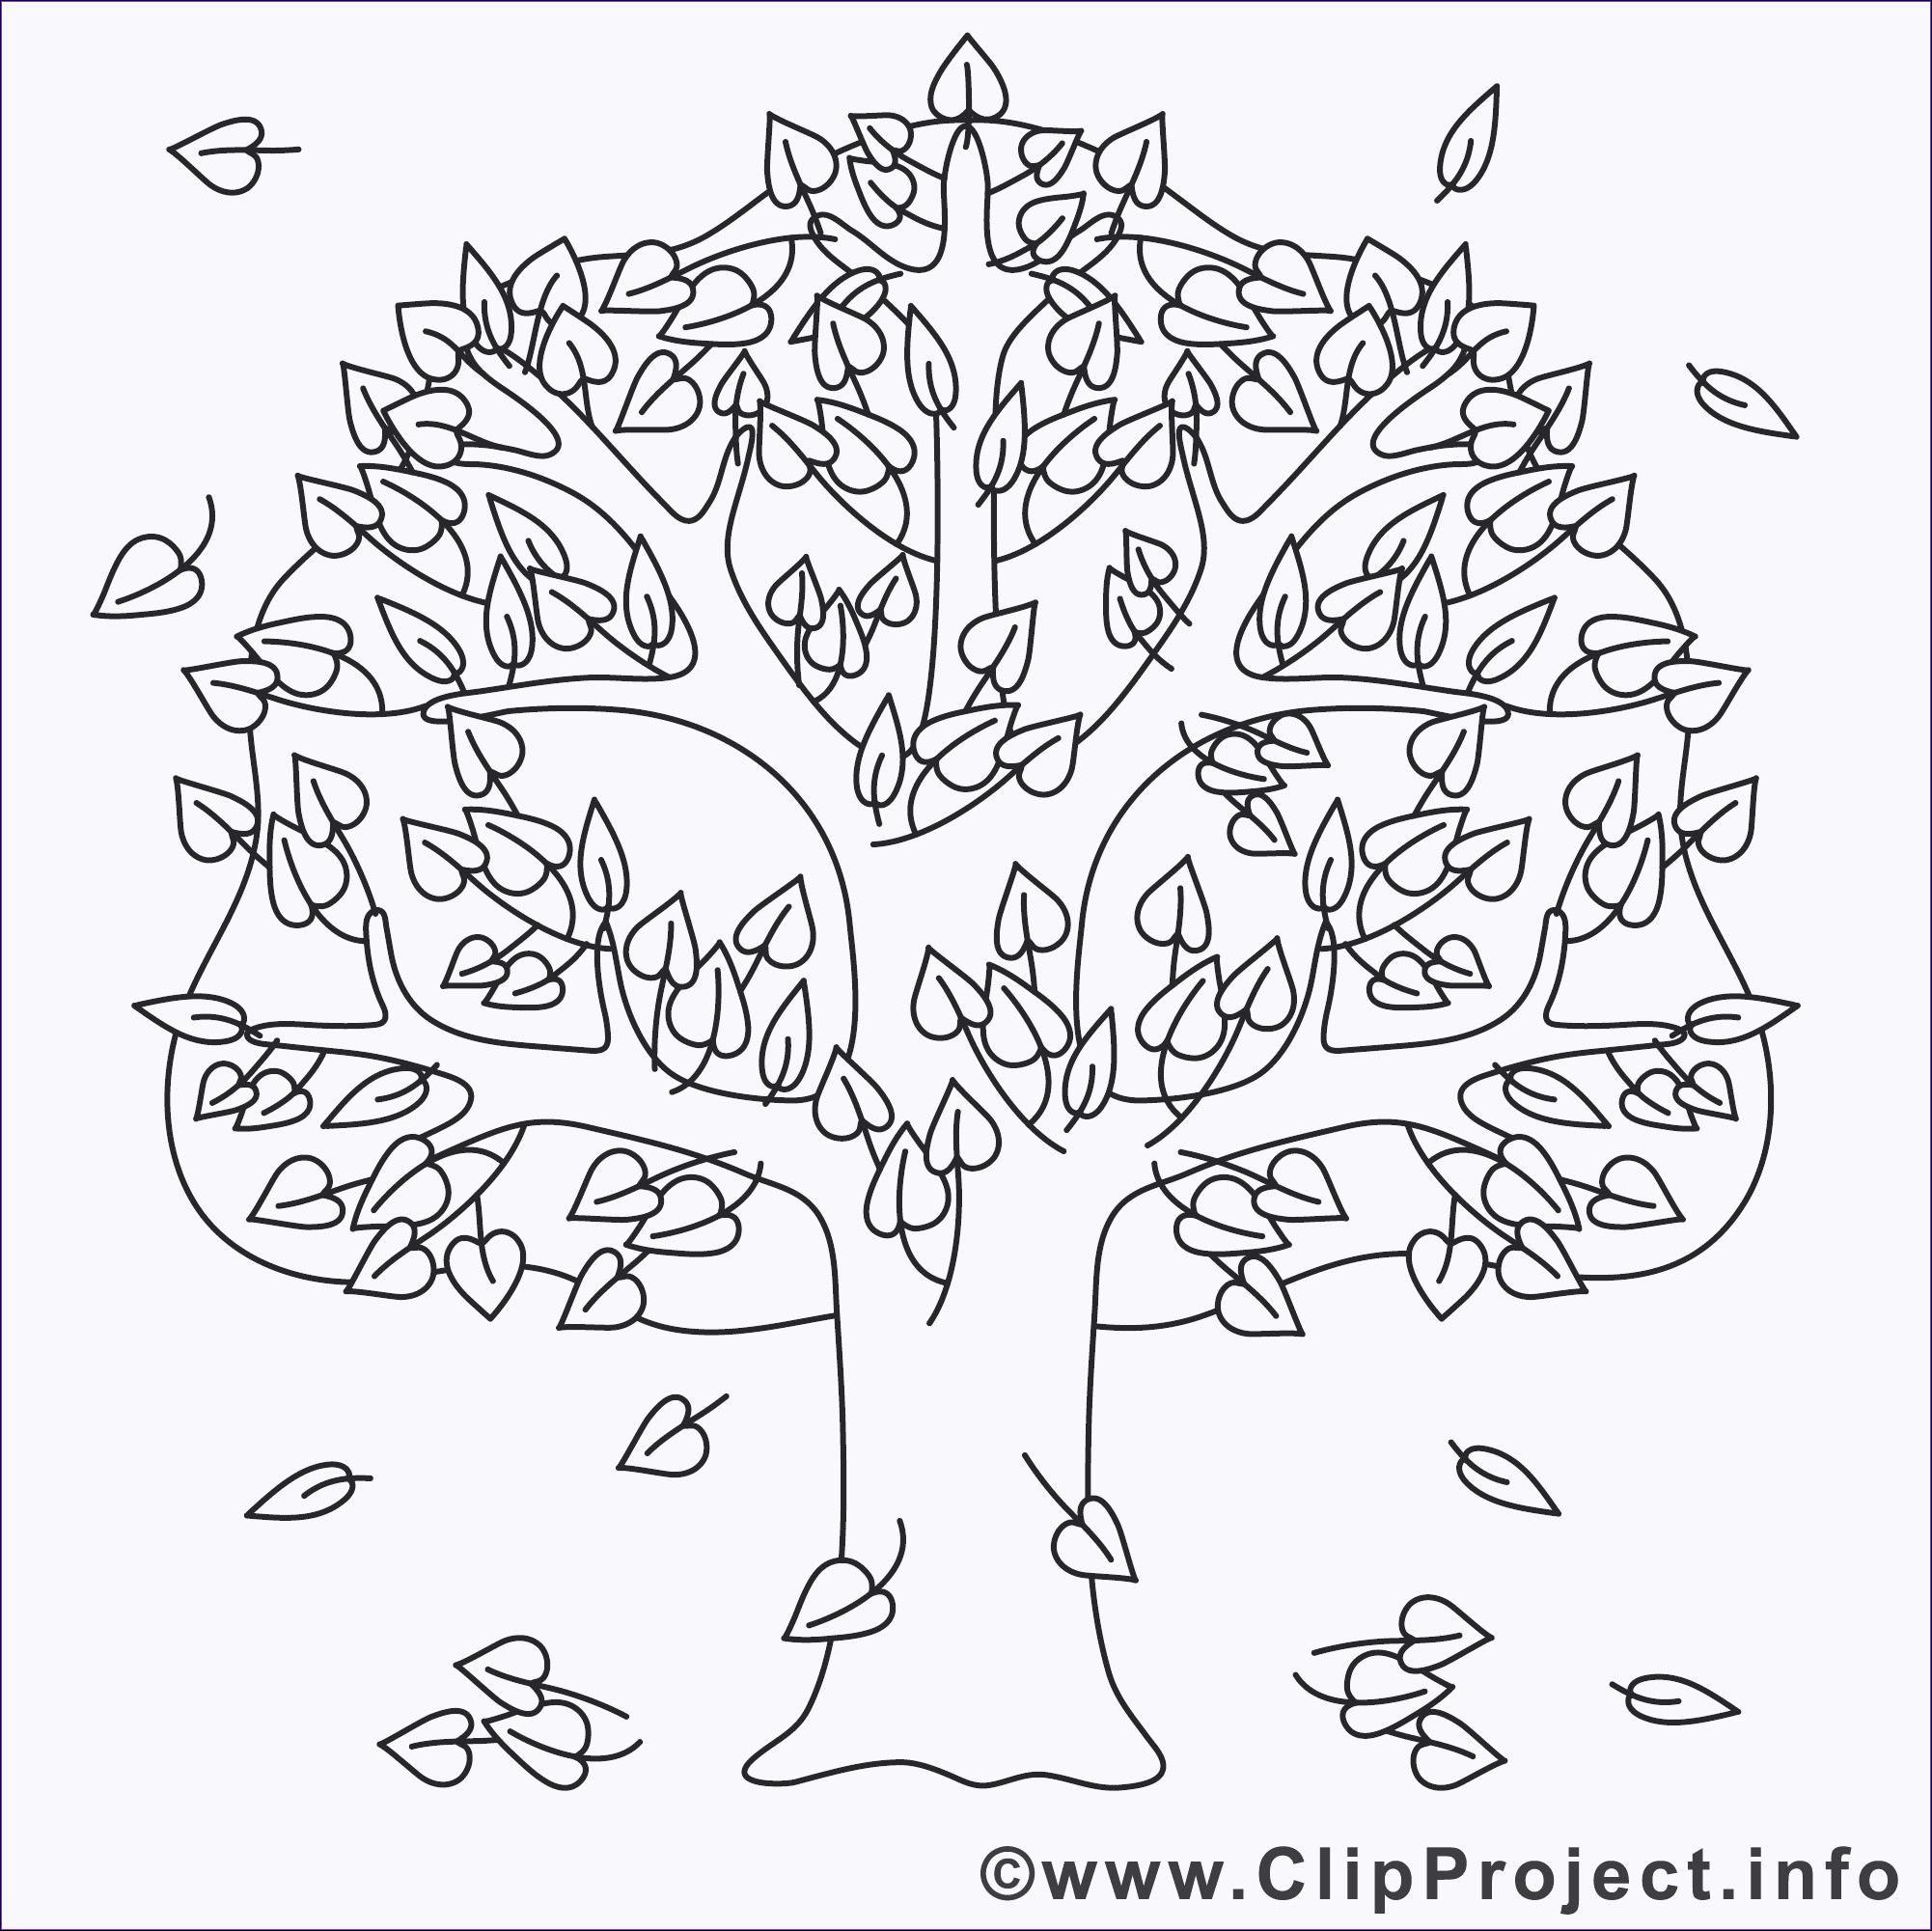 Baum Zeichnung Bleistift Inspirierend Media Cache Ak0 Pinimg originals 46 0d 3f Einzig Baum Zeichnung Bilder